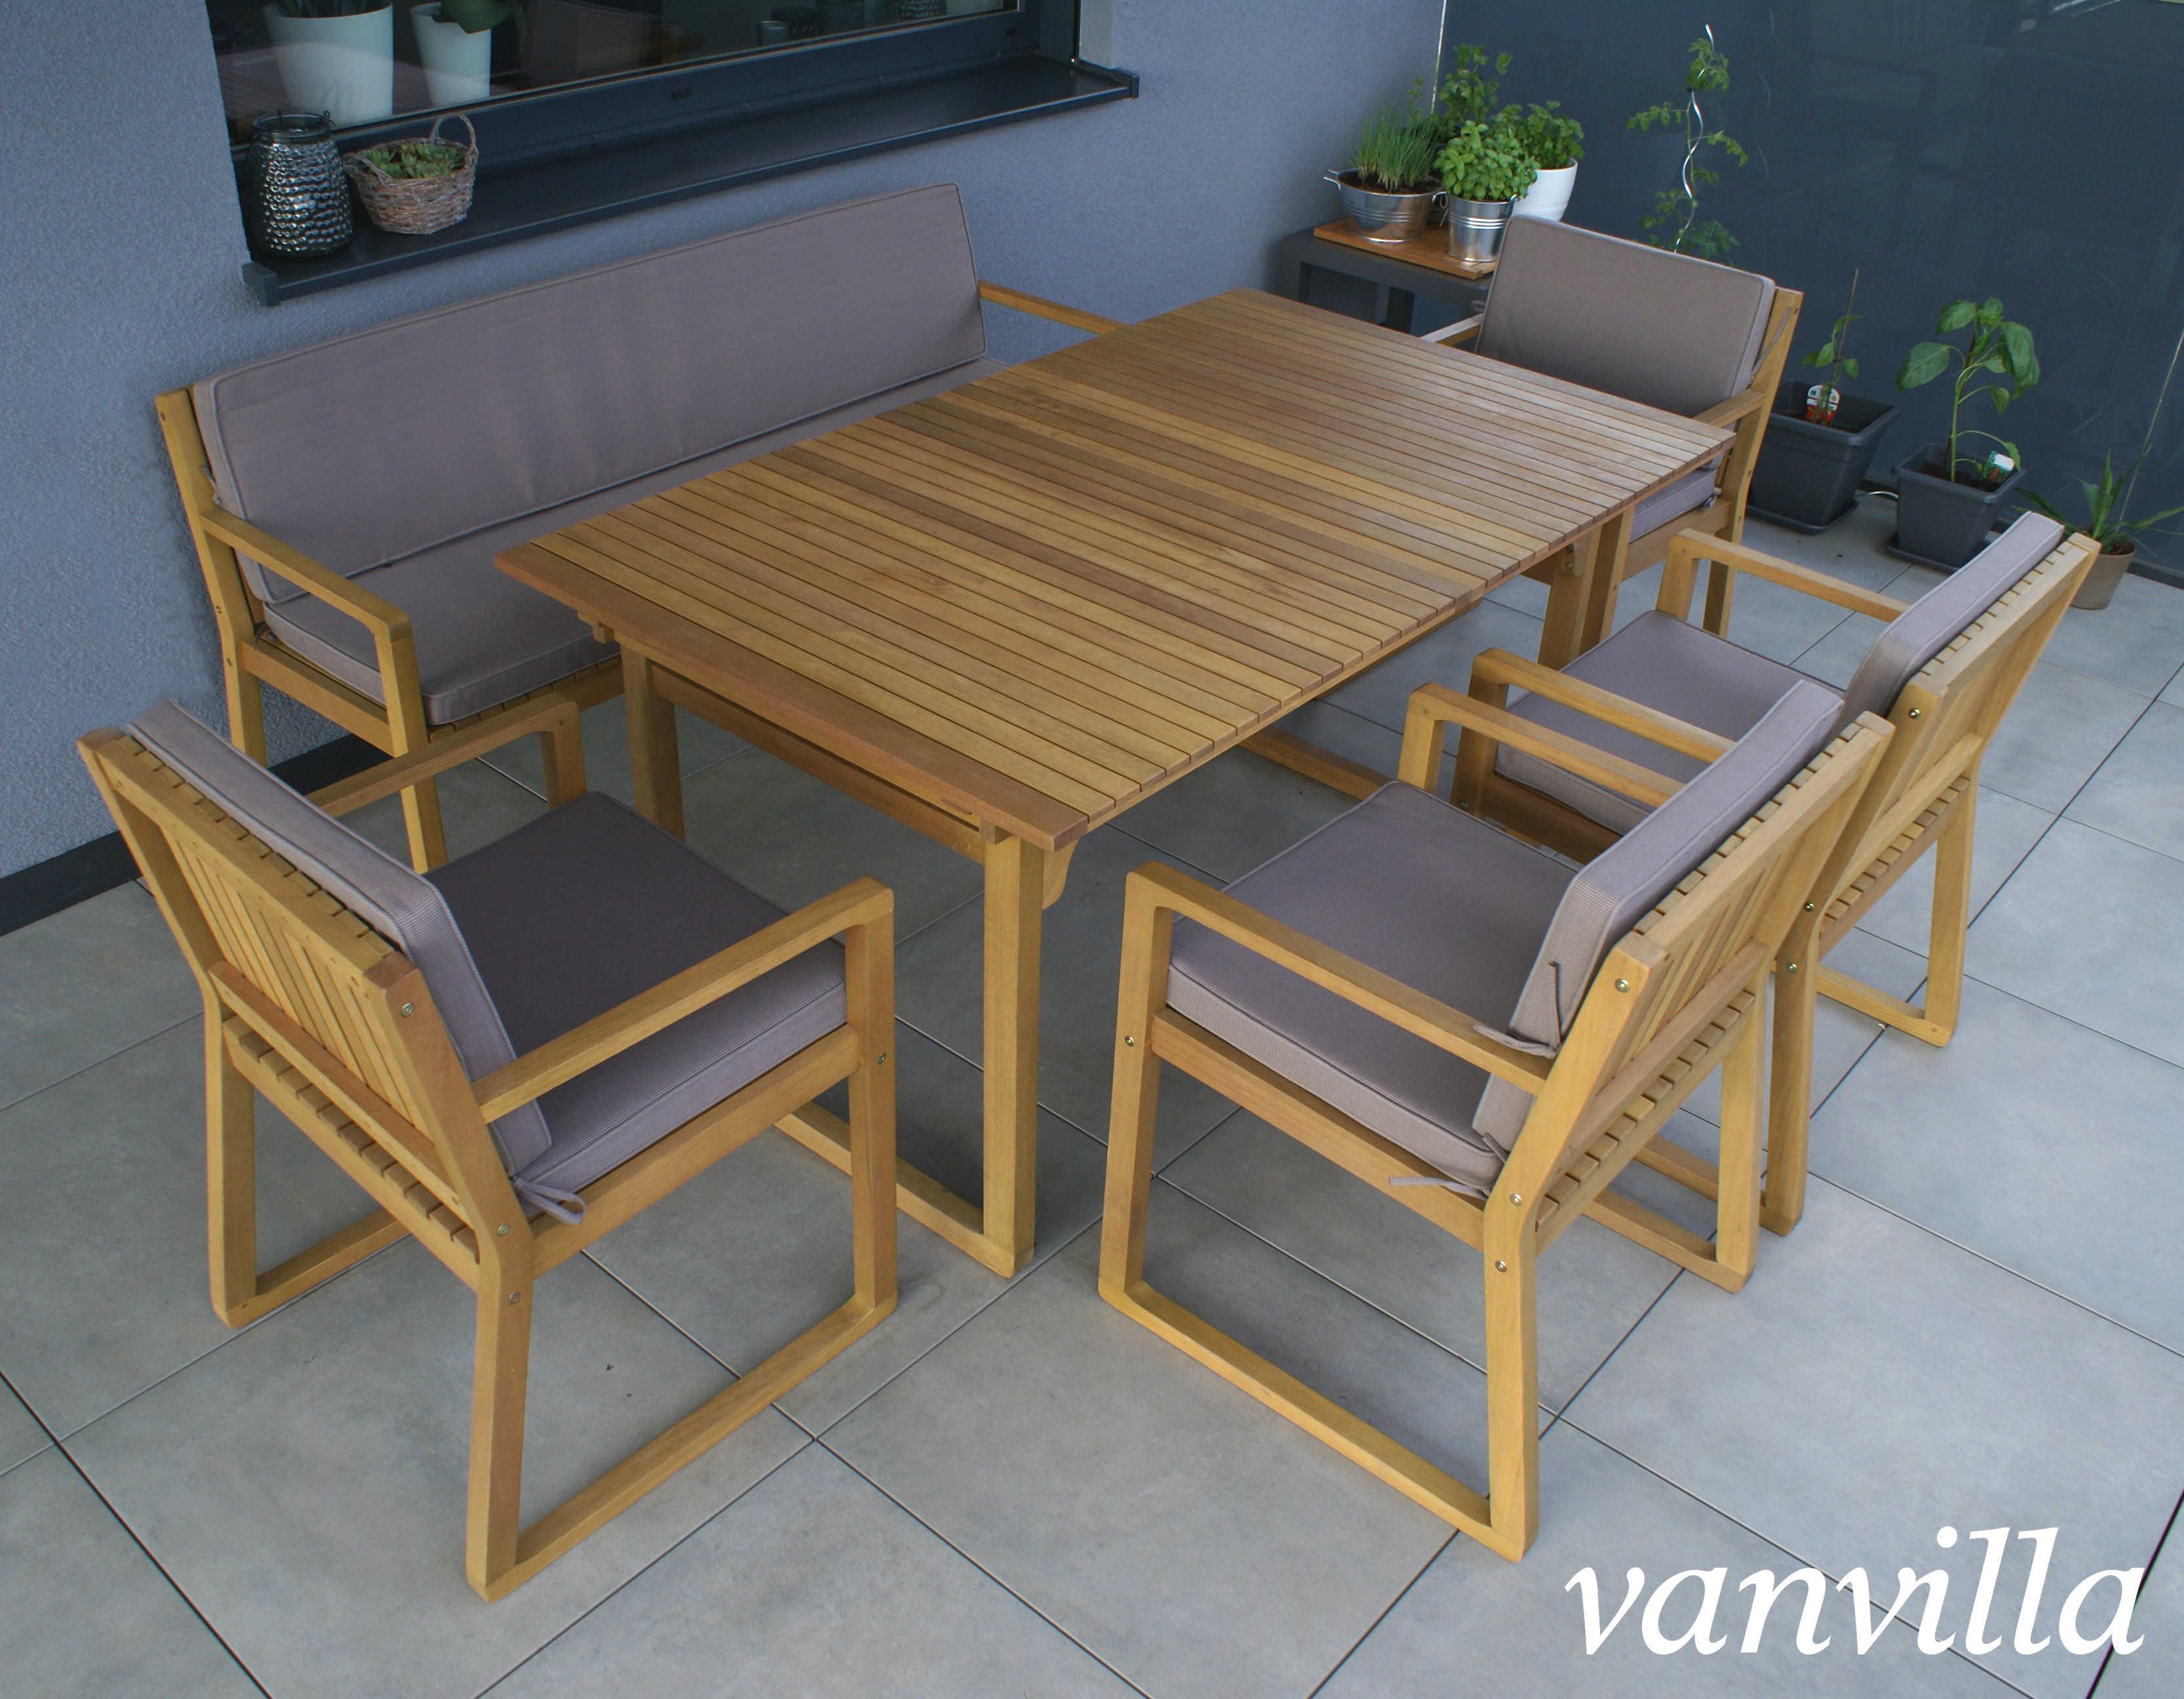 Super vanvilla Gartenmöbel Set Holz 1 Tisch 1 Bank 4 Sessel SET5 Auflage QS62